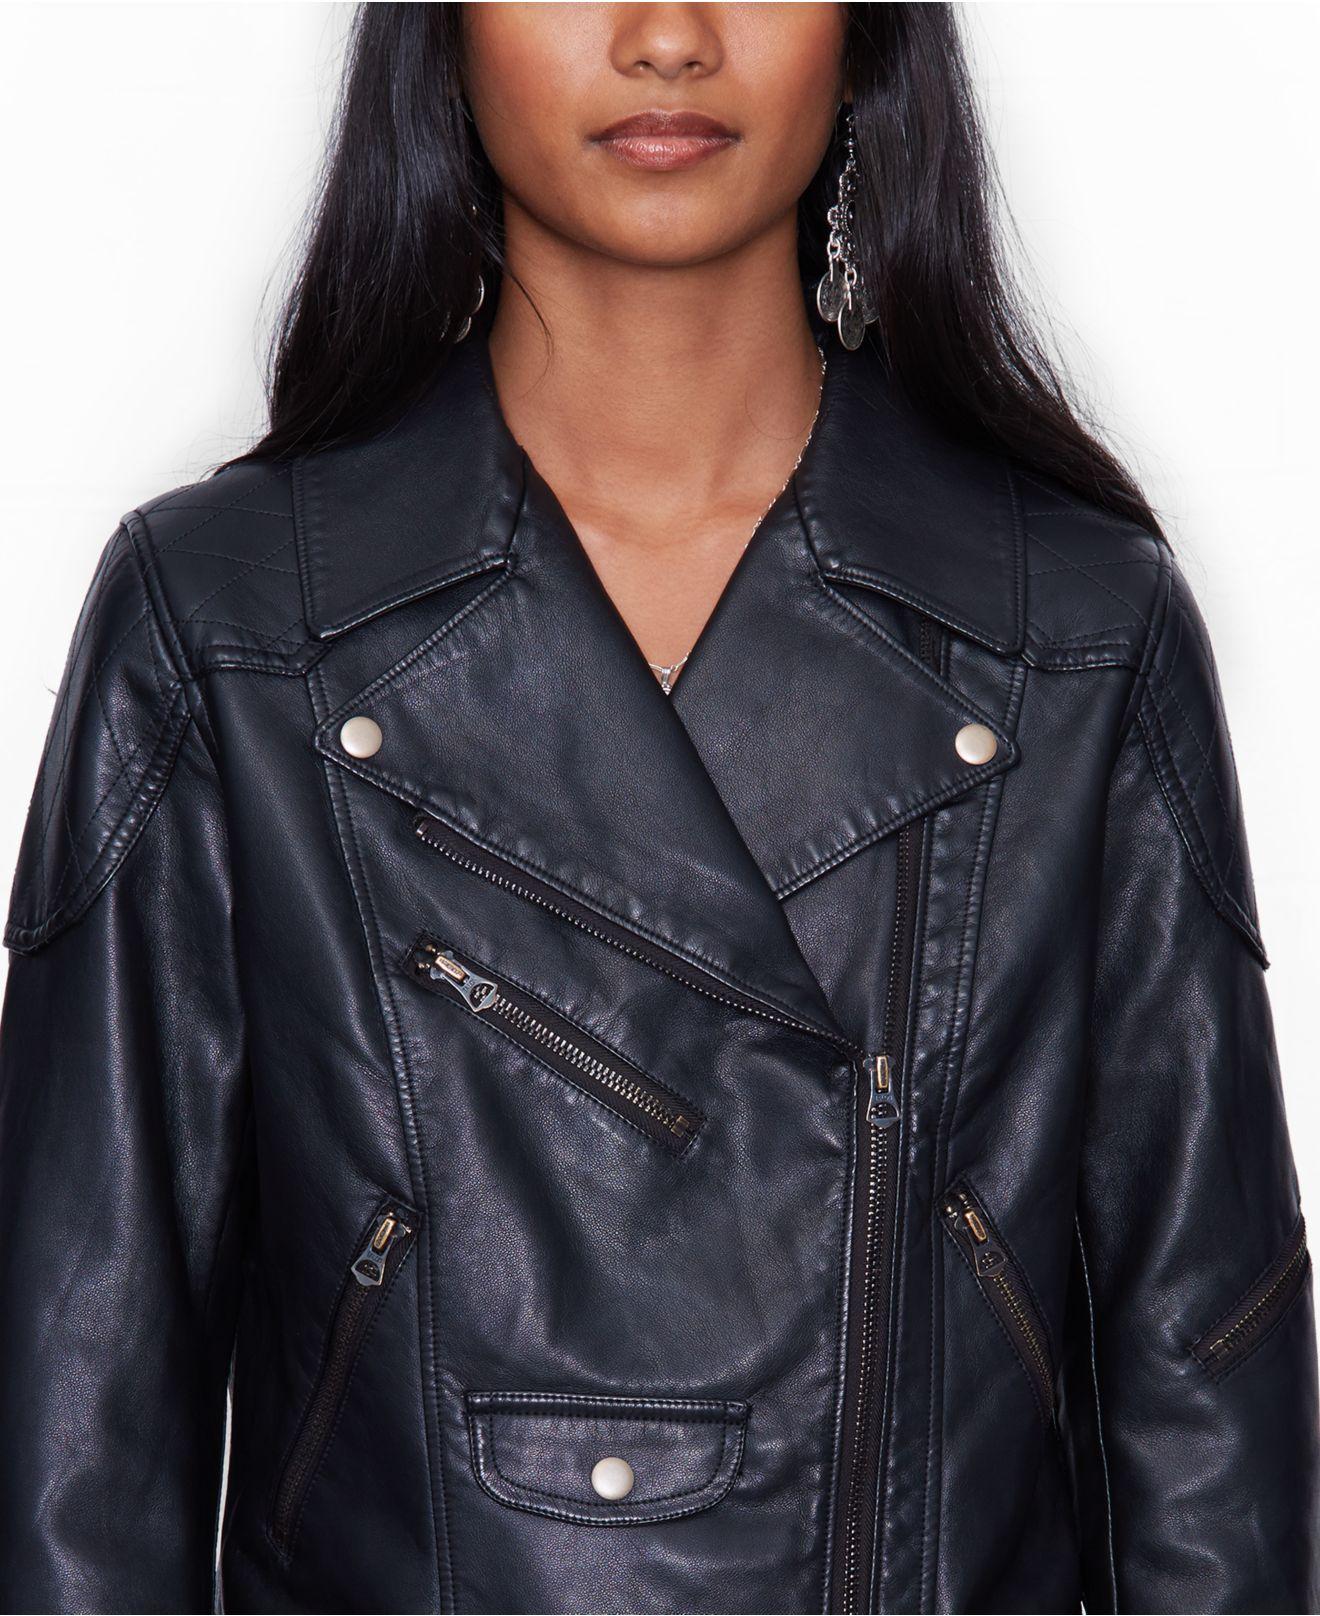 Lyst - Lauren by Ralph Lauren Plus Size Quilted Jacket in